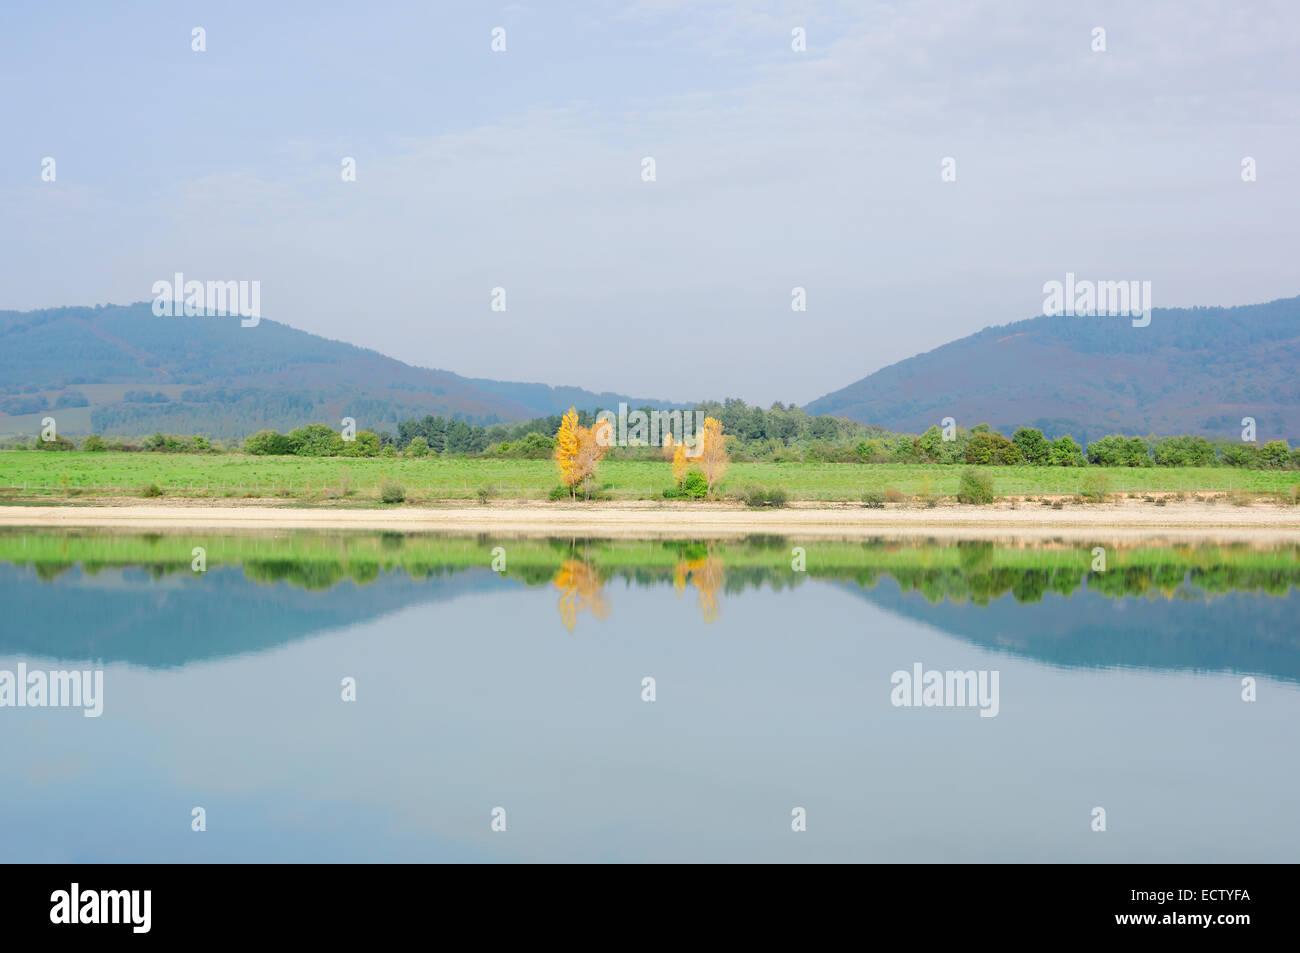 Arbre généalogique avec symétrie réflexions sur un lac. Ullibarri Ganboa Photo Stock